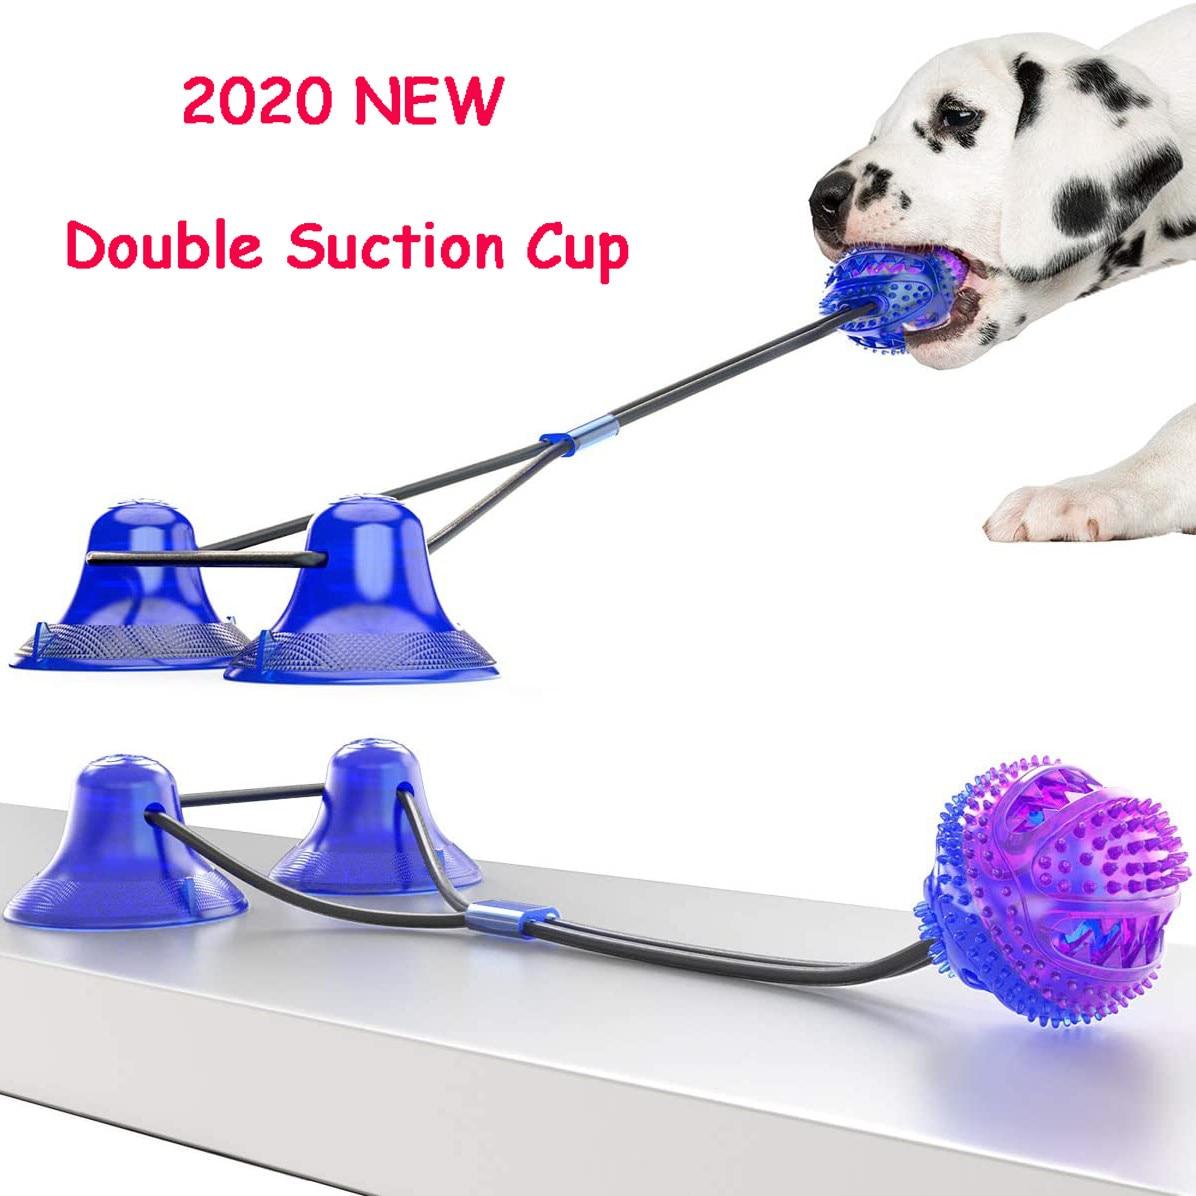 Модернизированный собака молярная Укус игрушка Многофункциональный жевательные игрушки для питомцев двойная присоска собака тянуть мяч для собак отбеливание при чистке зубов Еда диспенсер